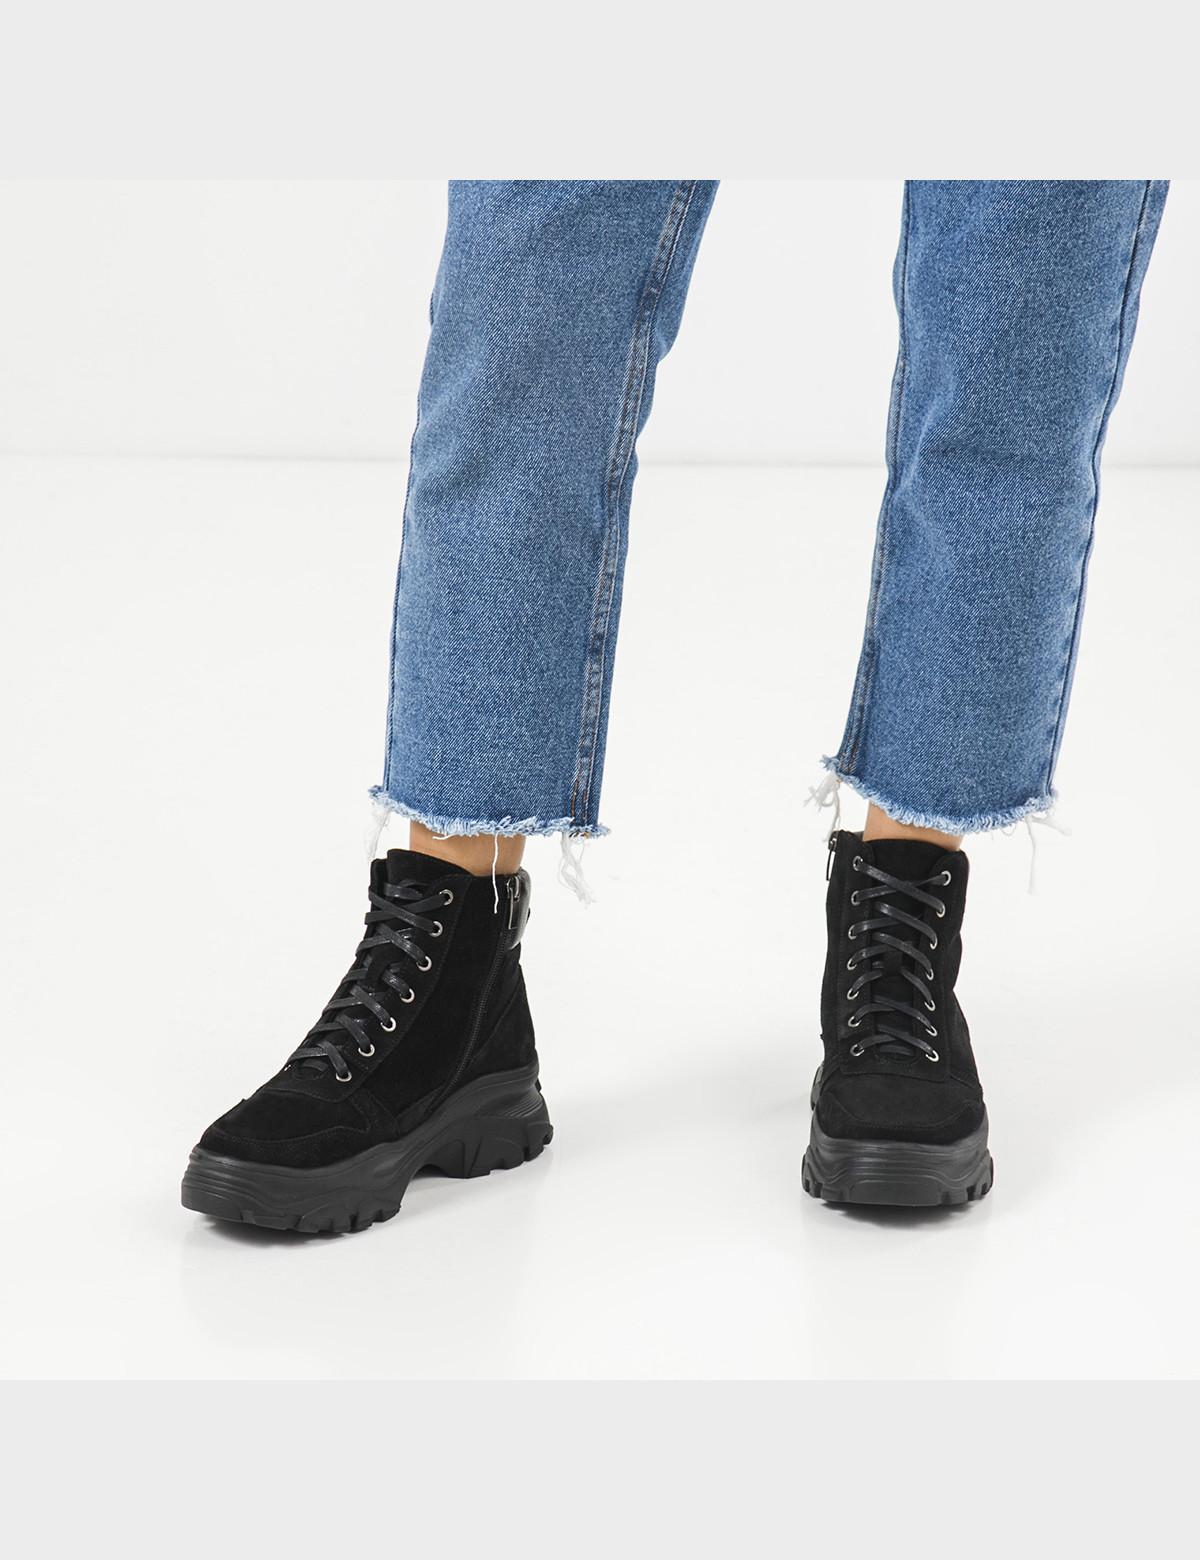 Ботинки черные, натуральная кожа/замша. Шерсть6